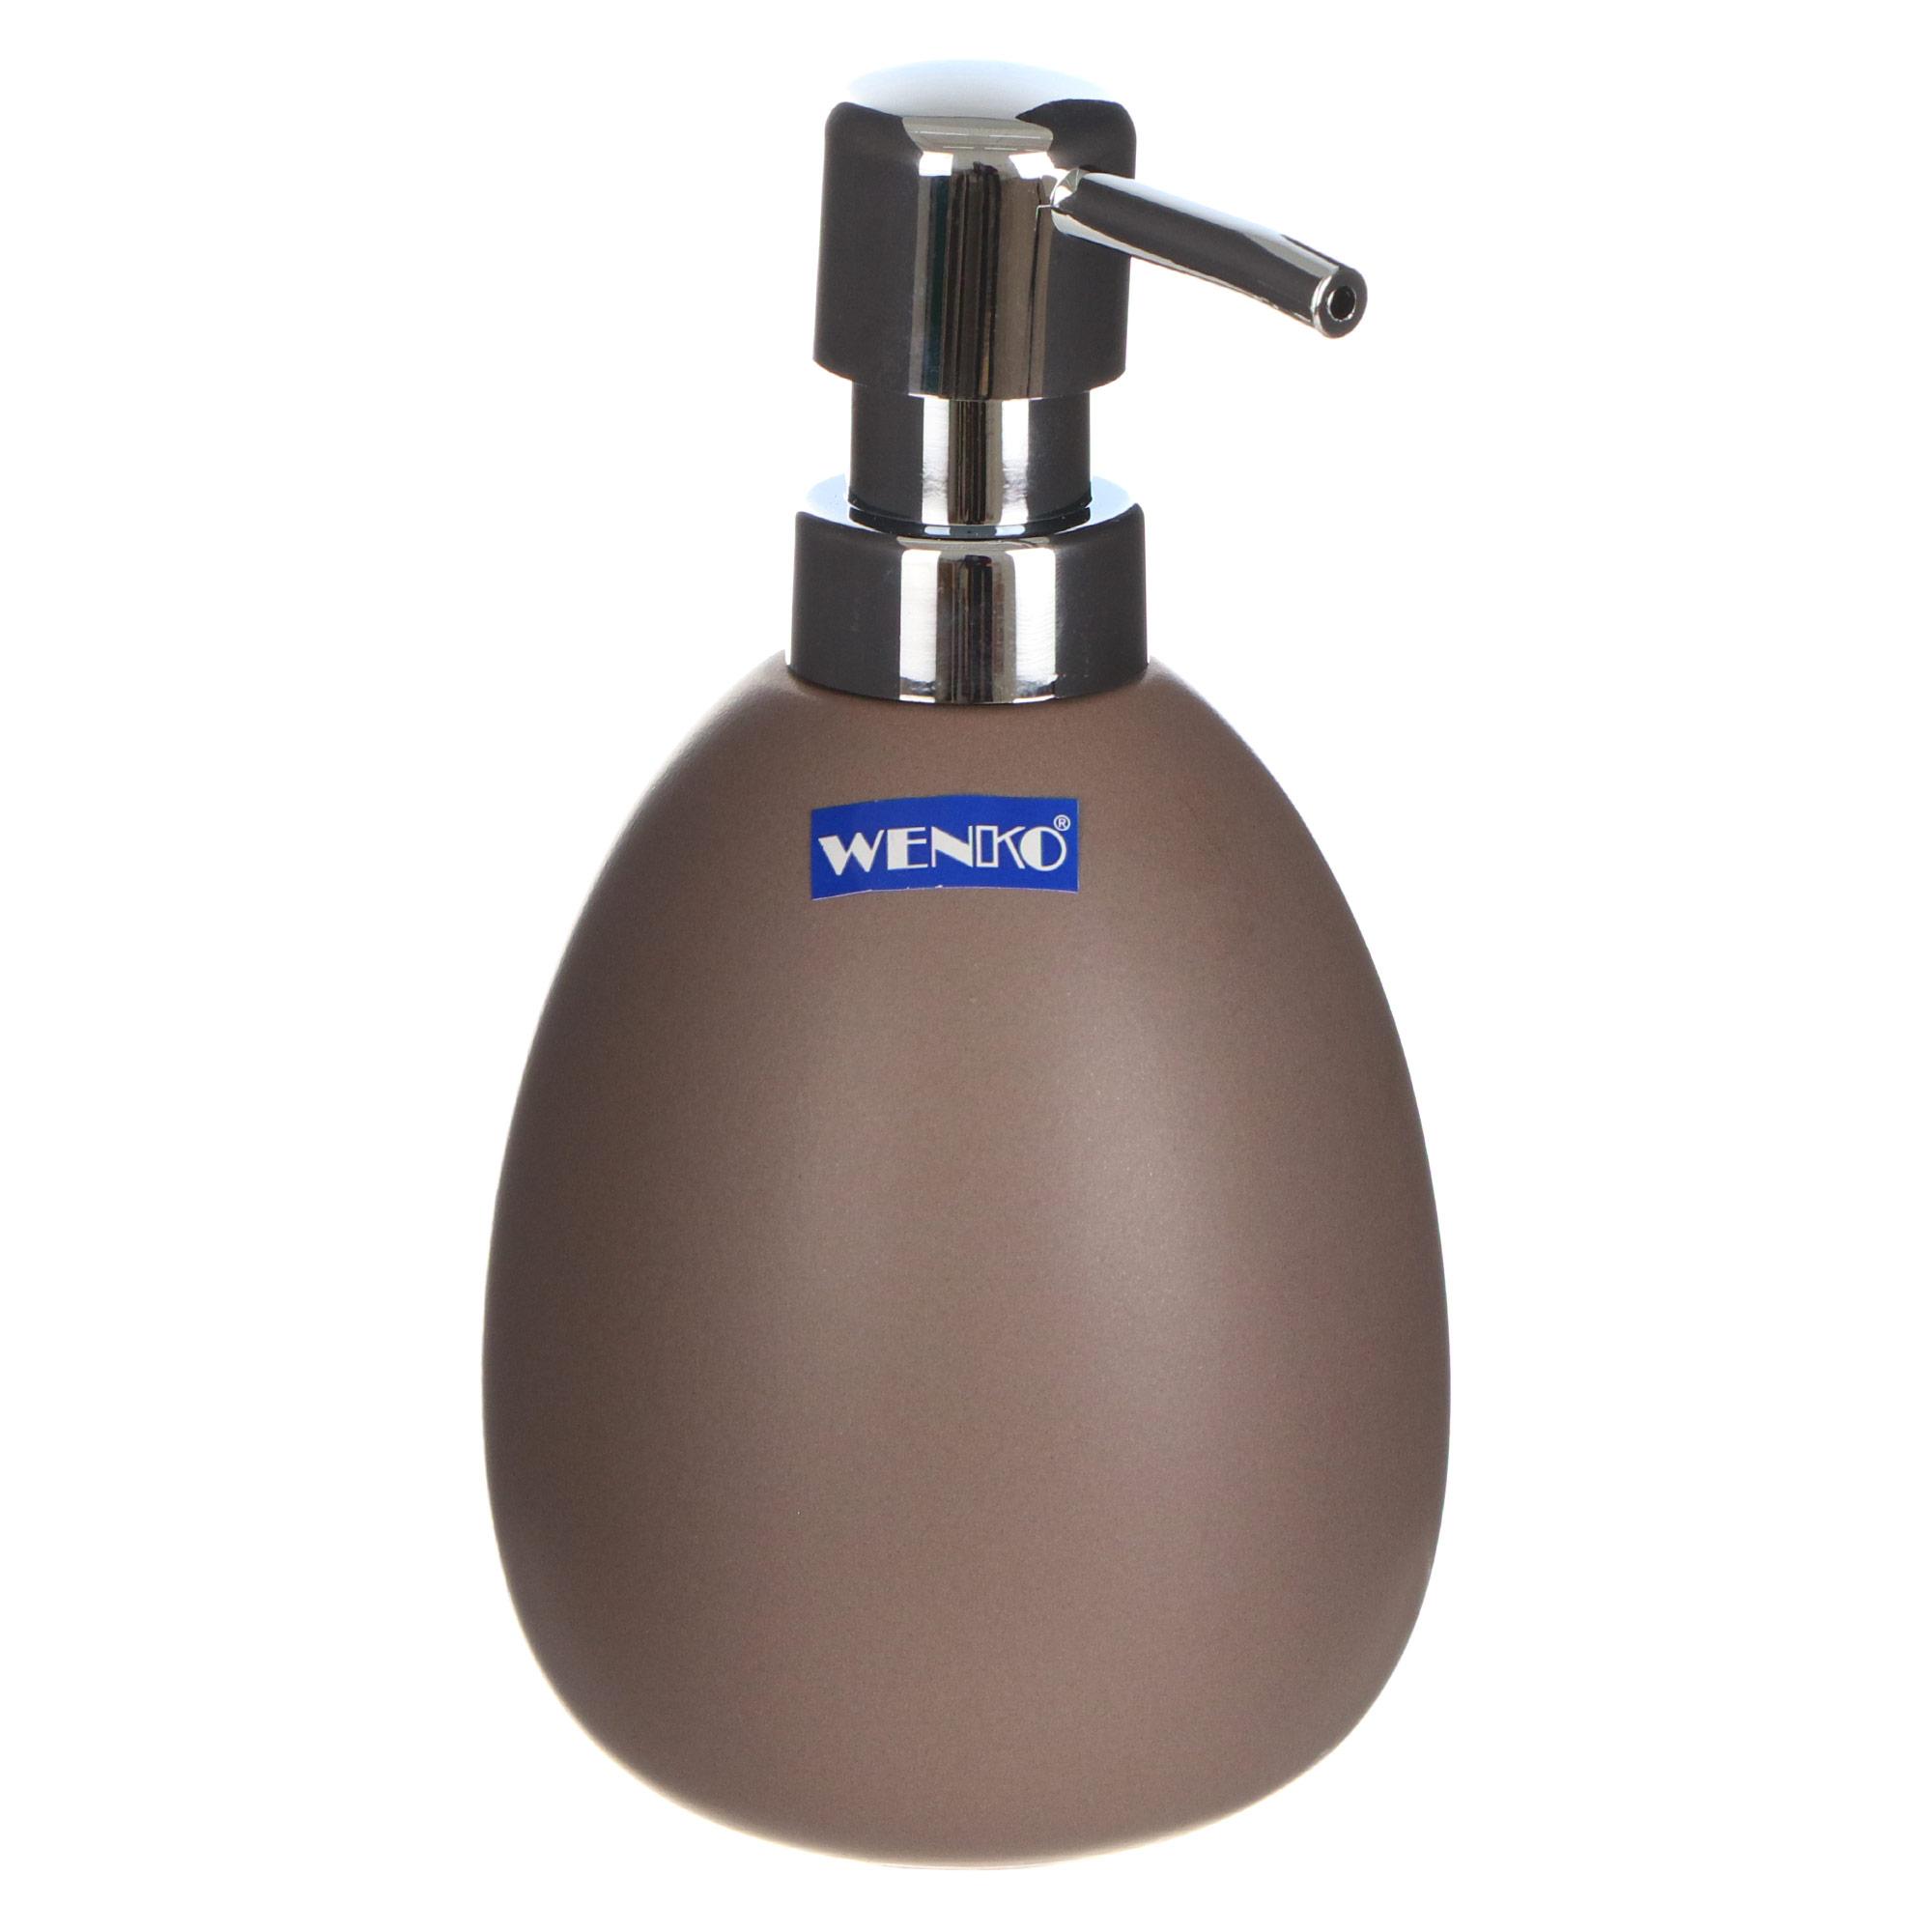 Дозатор для мыла Wenko sanitary polaris серо-коричневый дозатор для мыла wenko sanitary goa бежевый